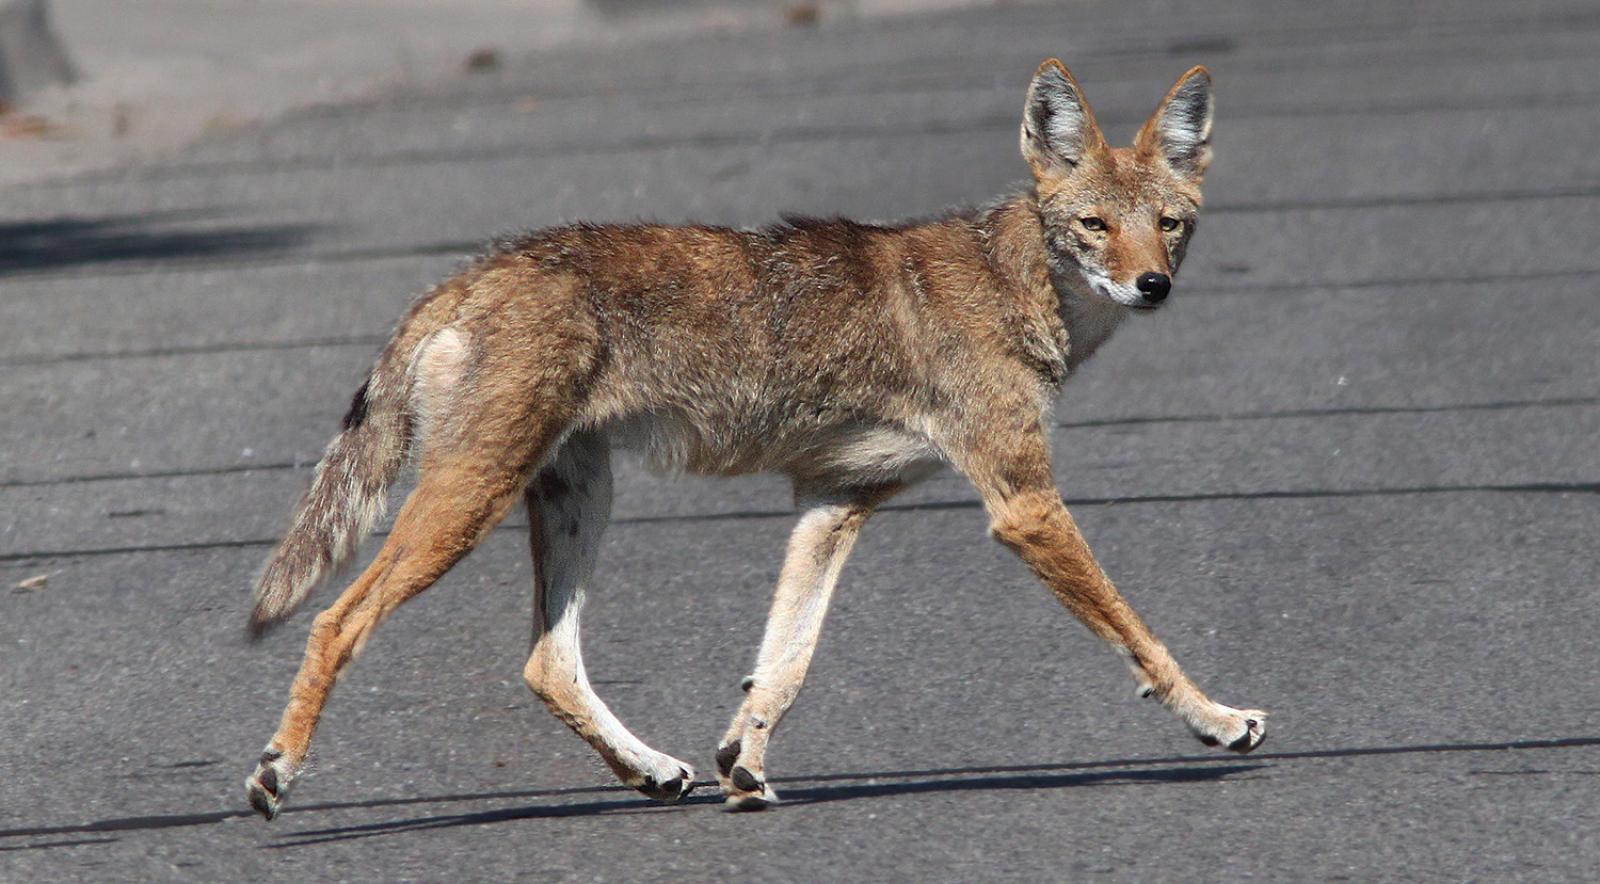 A coyote runs